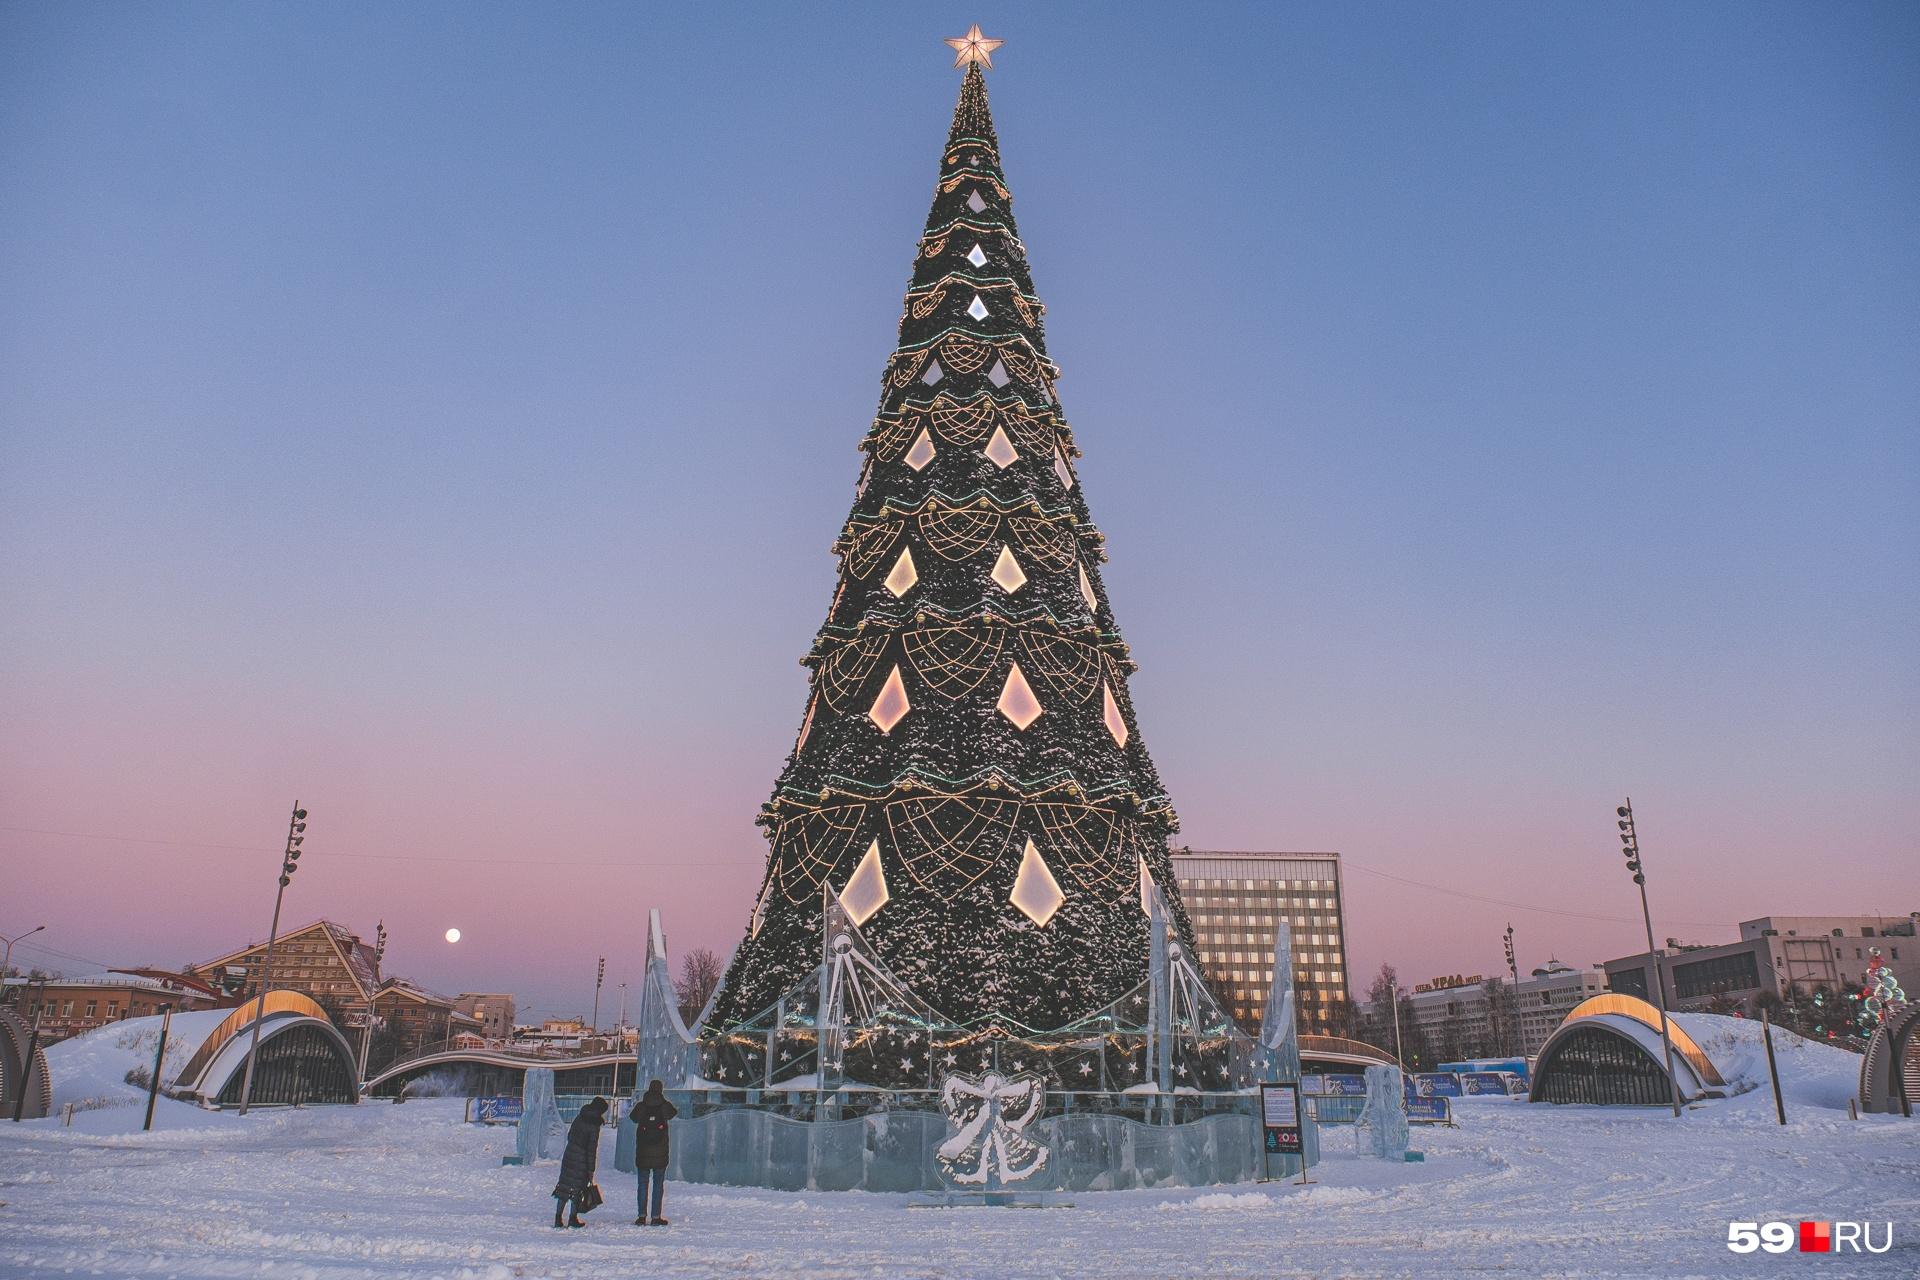 На эспланаде из-за коронавирусных ограничений нет ледового городка, только главная елка города